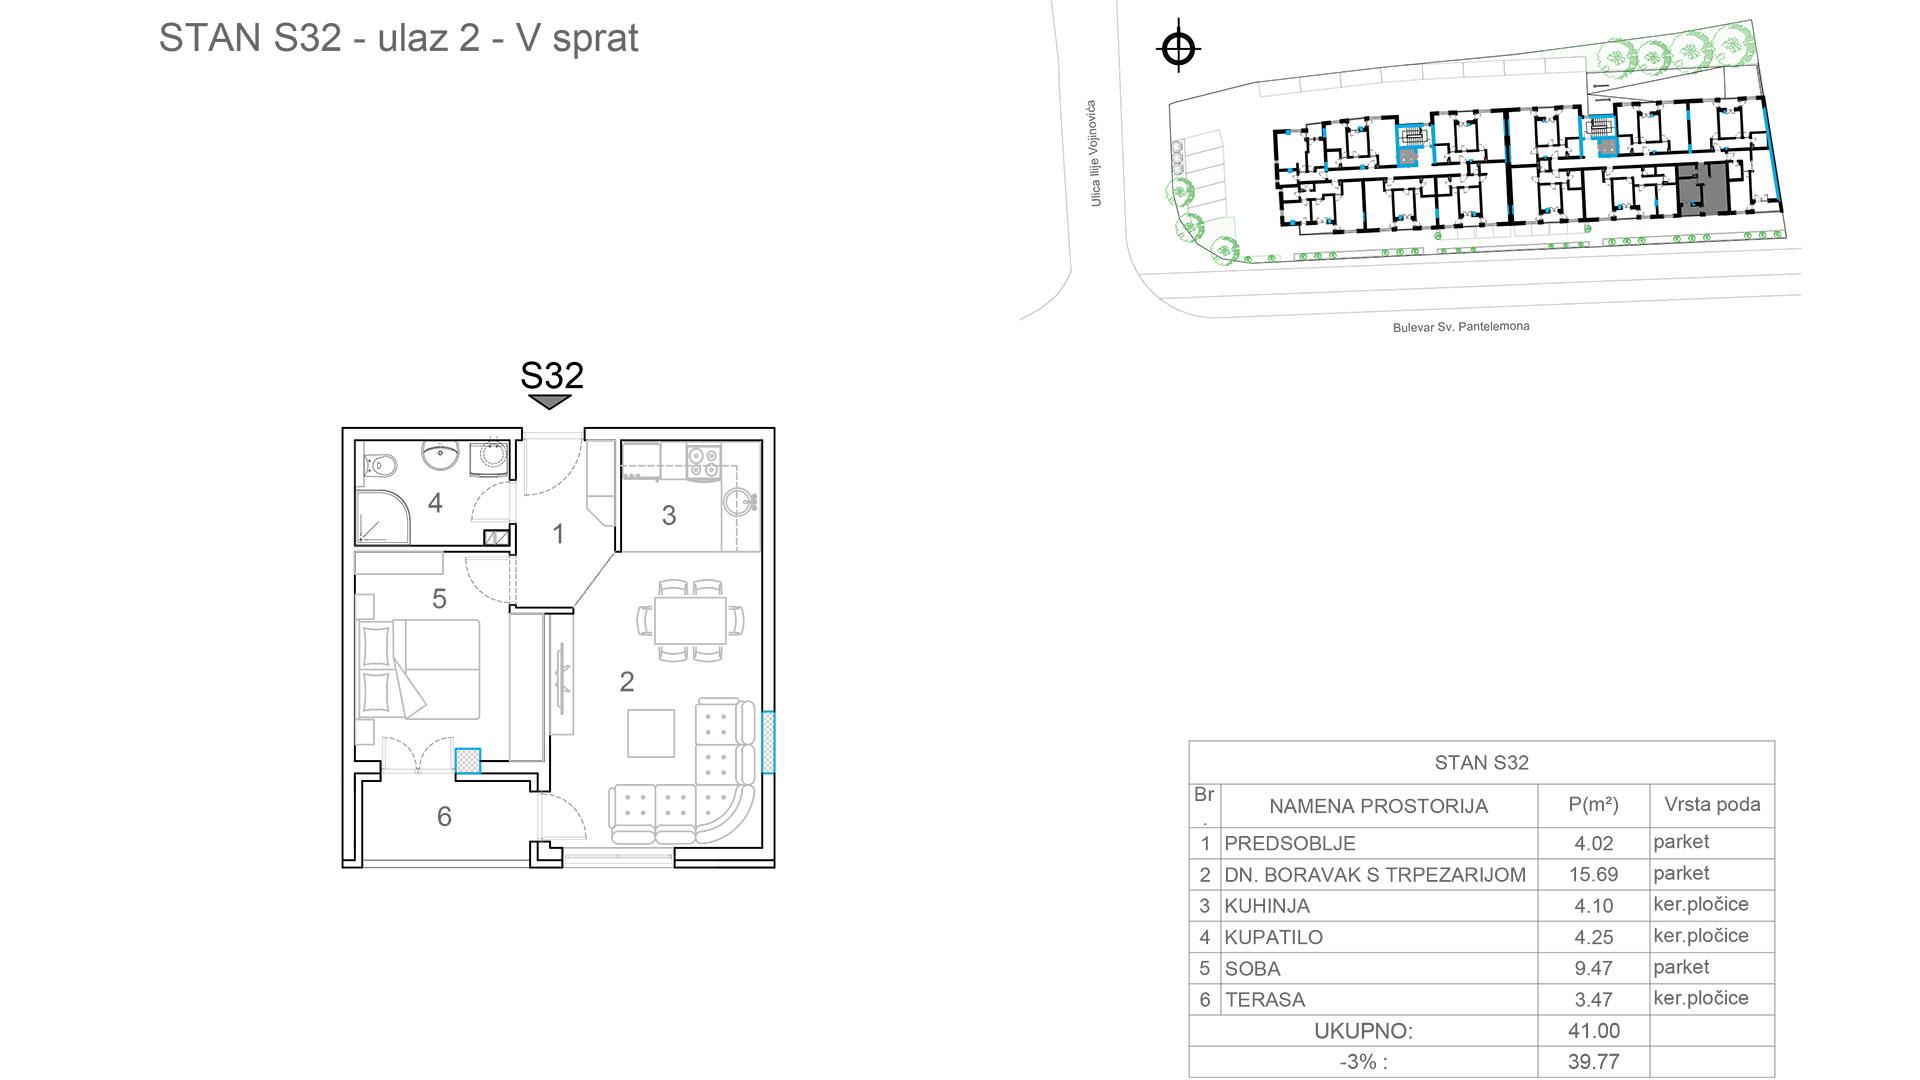 Prodaja stanova Niš - Objekat u Somborskoj bb Ulaz 2 - Stan S32